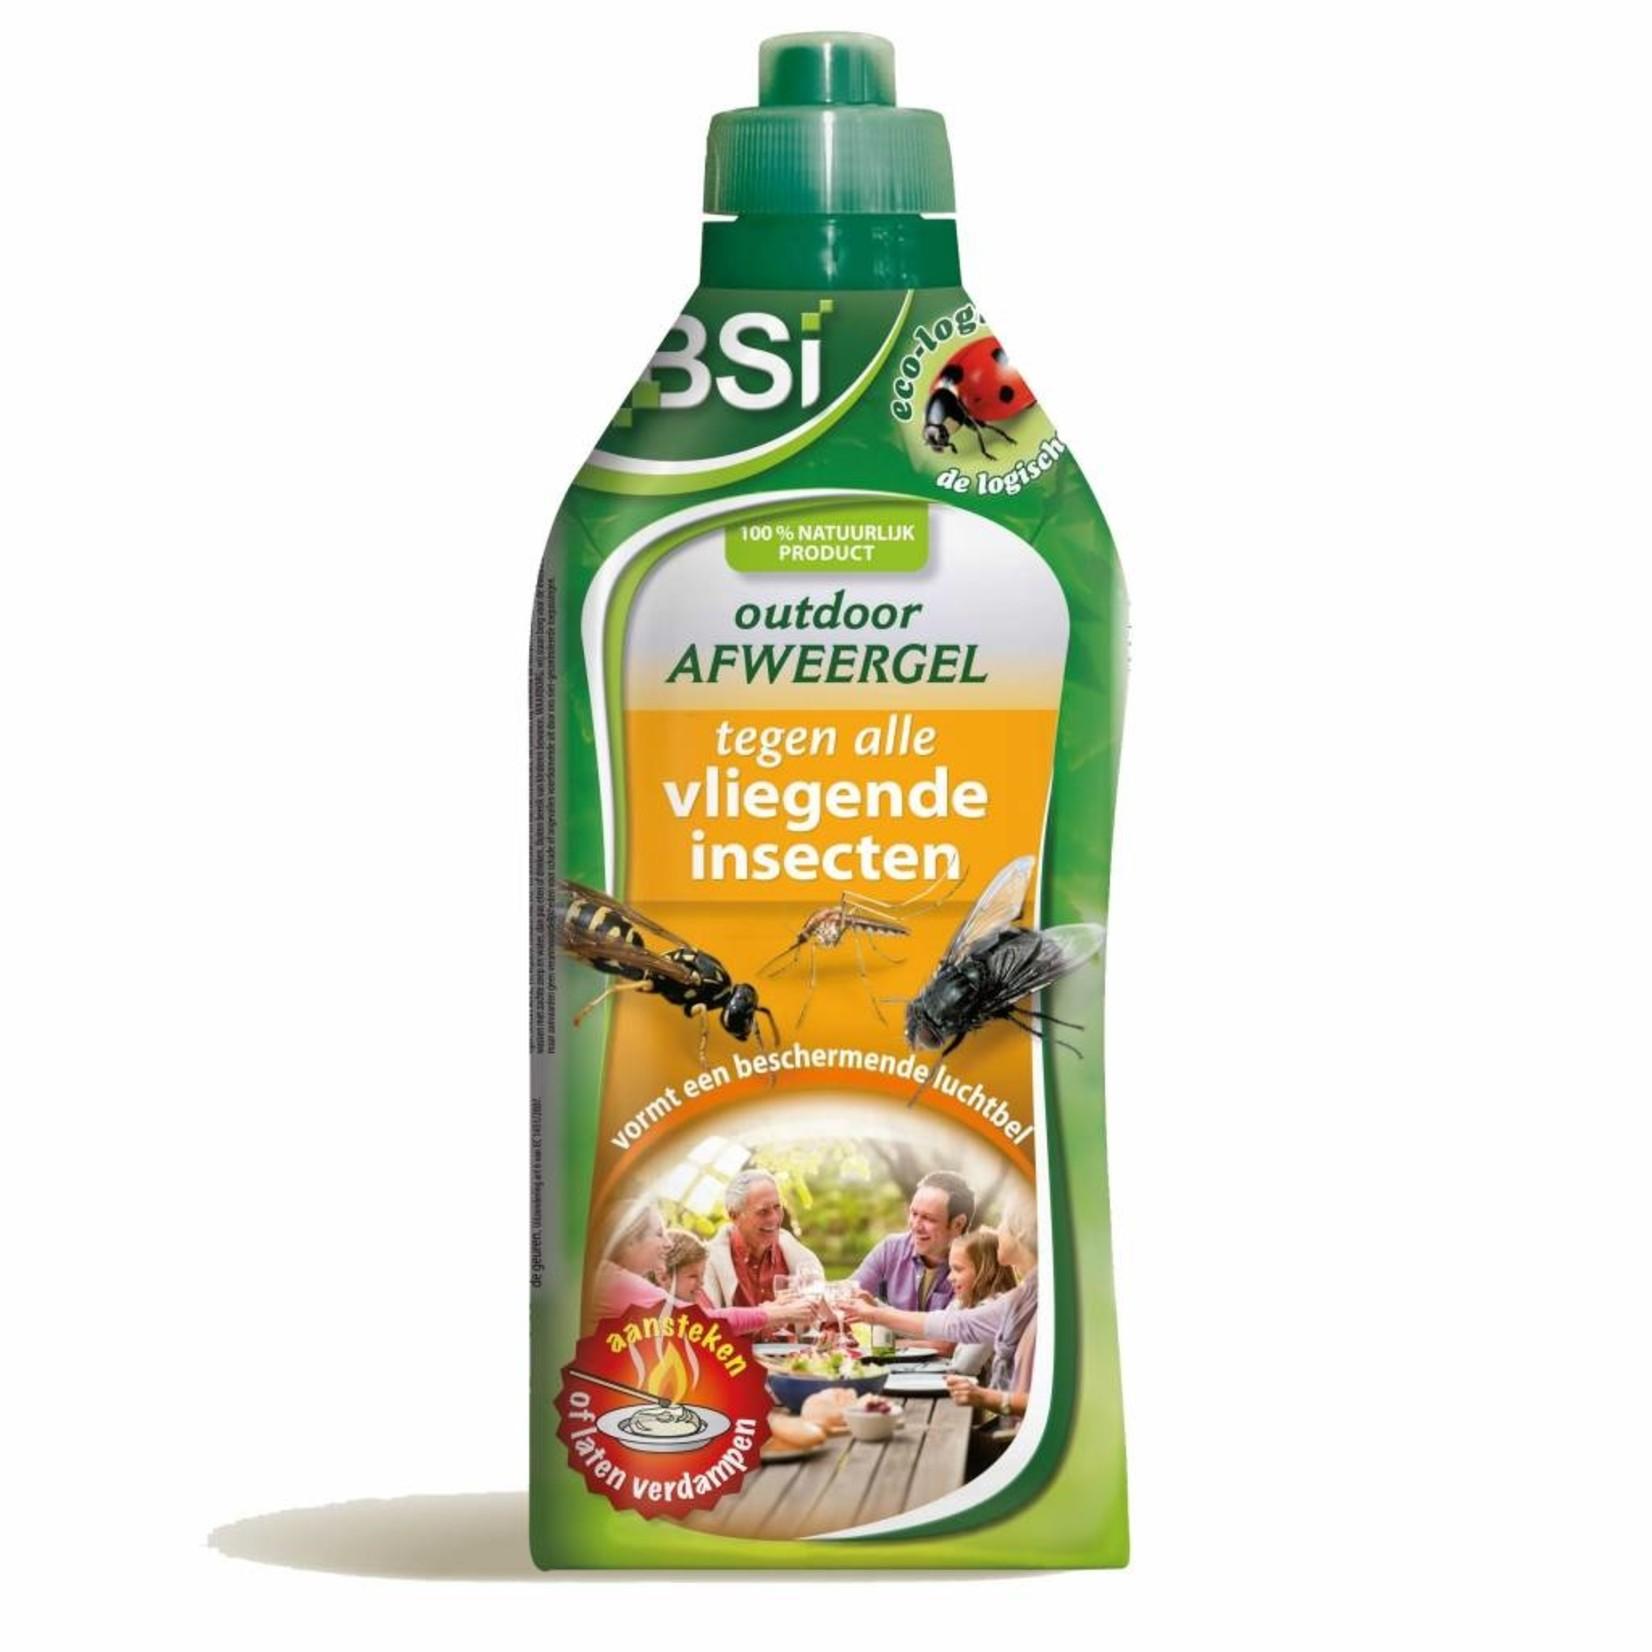 BSi Outdoor afweergel 1 Liter tegen vliegende insecten